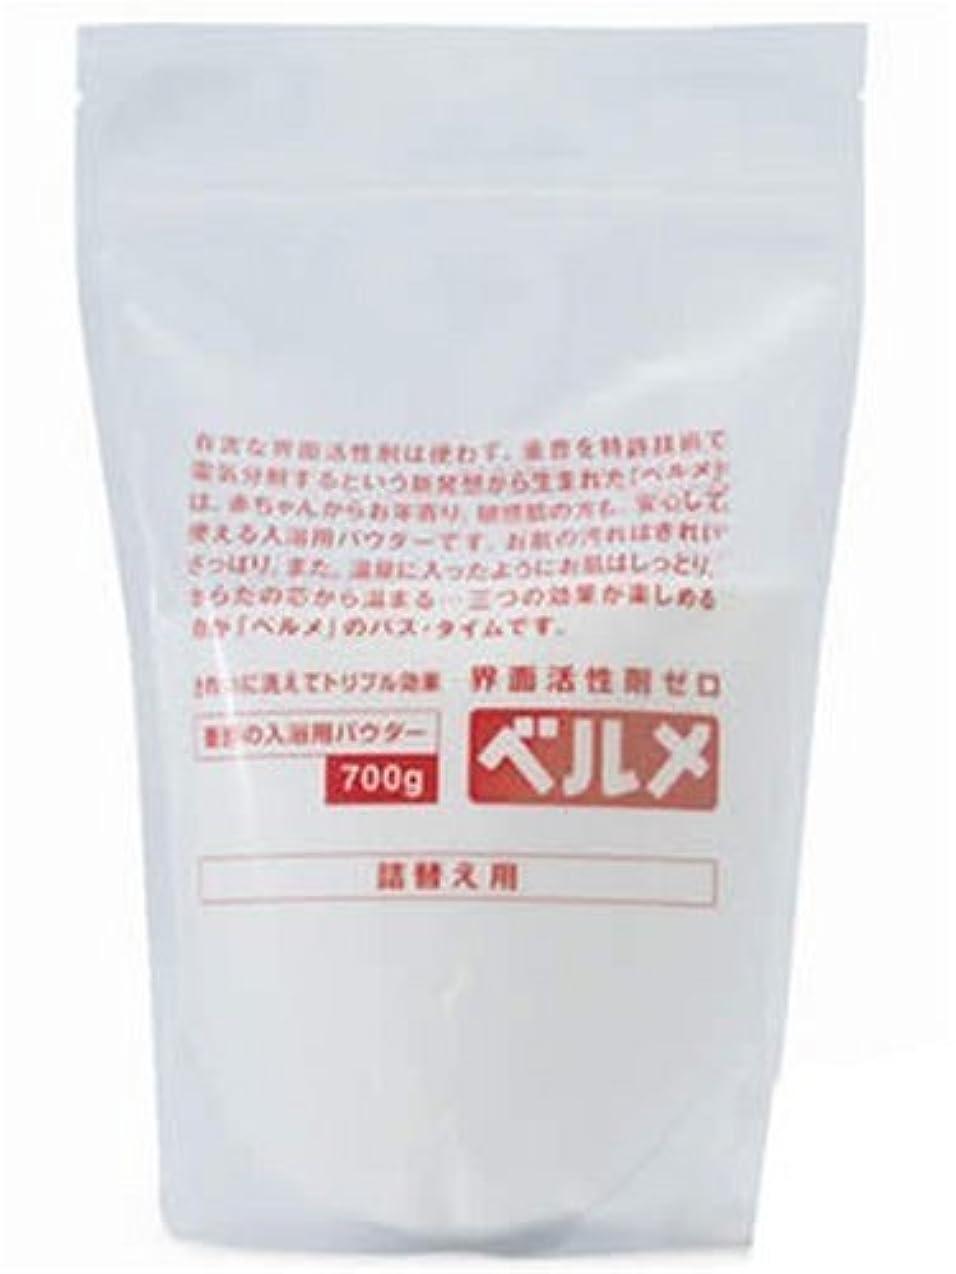 チャンピオン後者不合格ベルメ 重曹入浴用パウダー(界面活性剤ゼロ) 700g